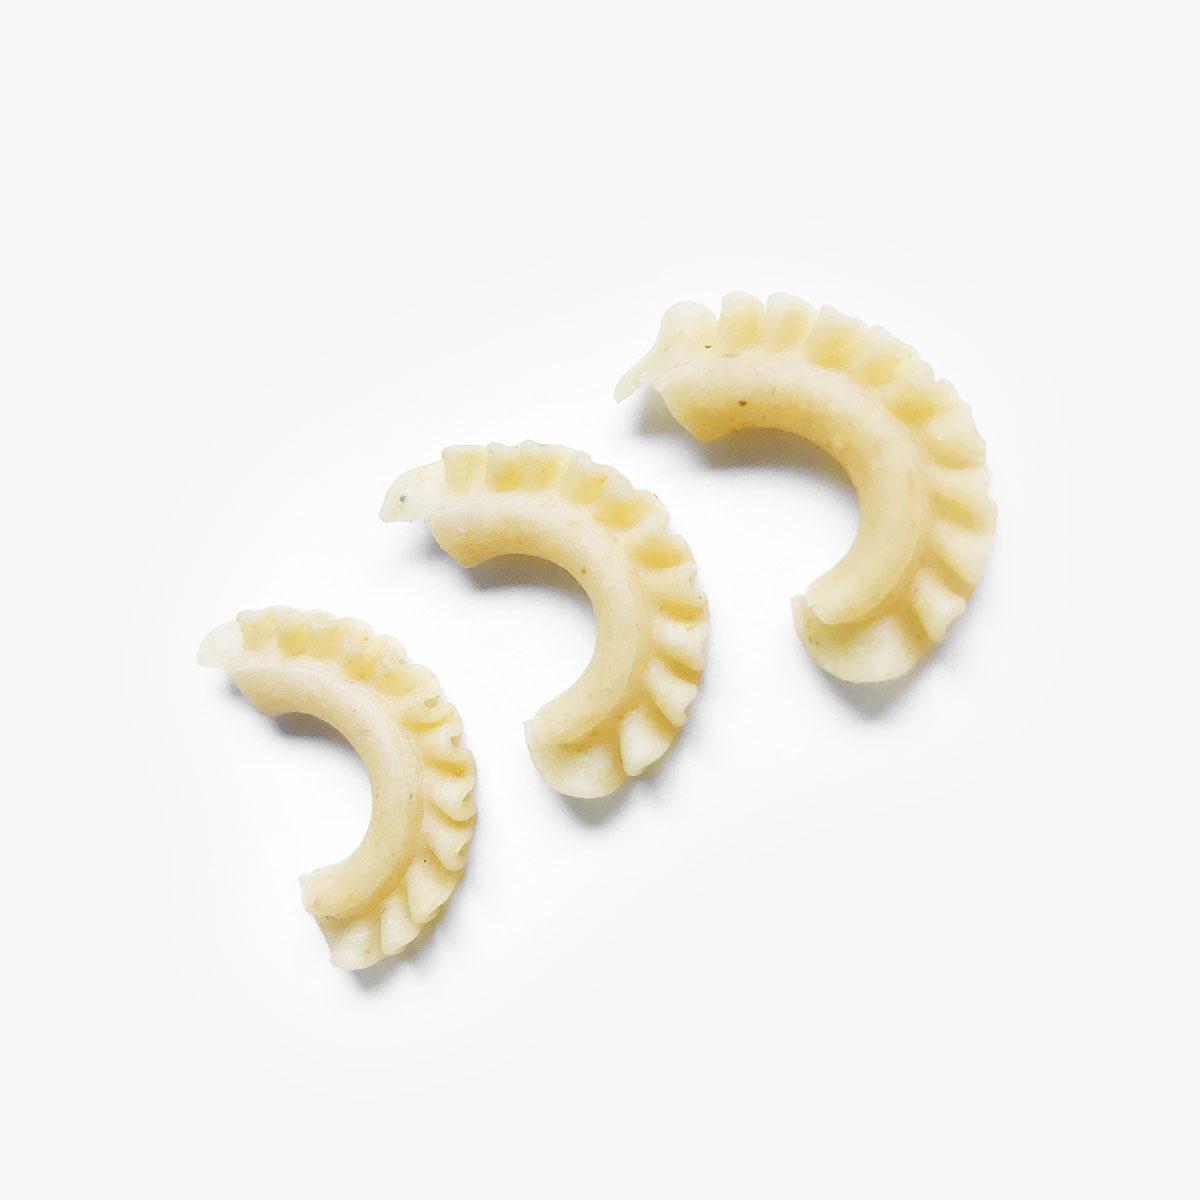 F633-Mini_Creste_Pasta